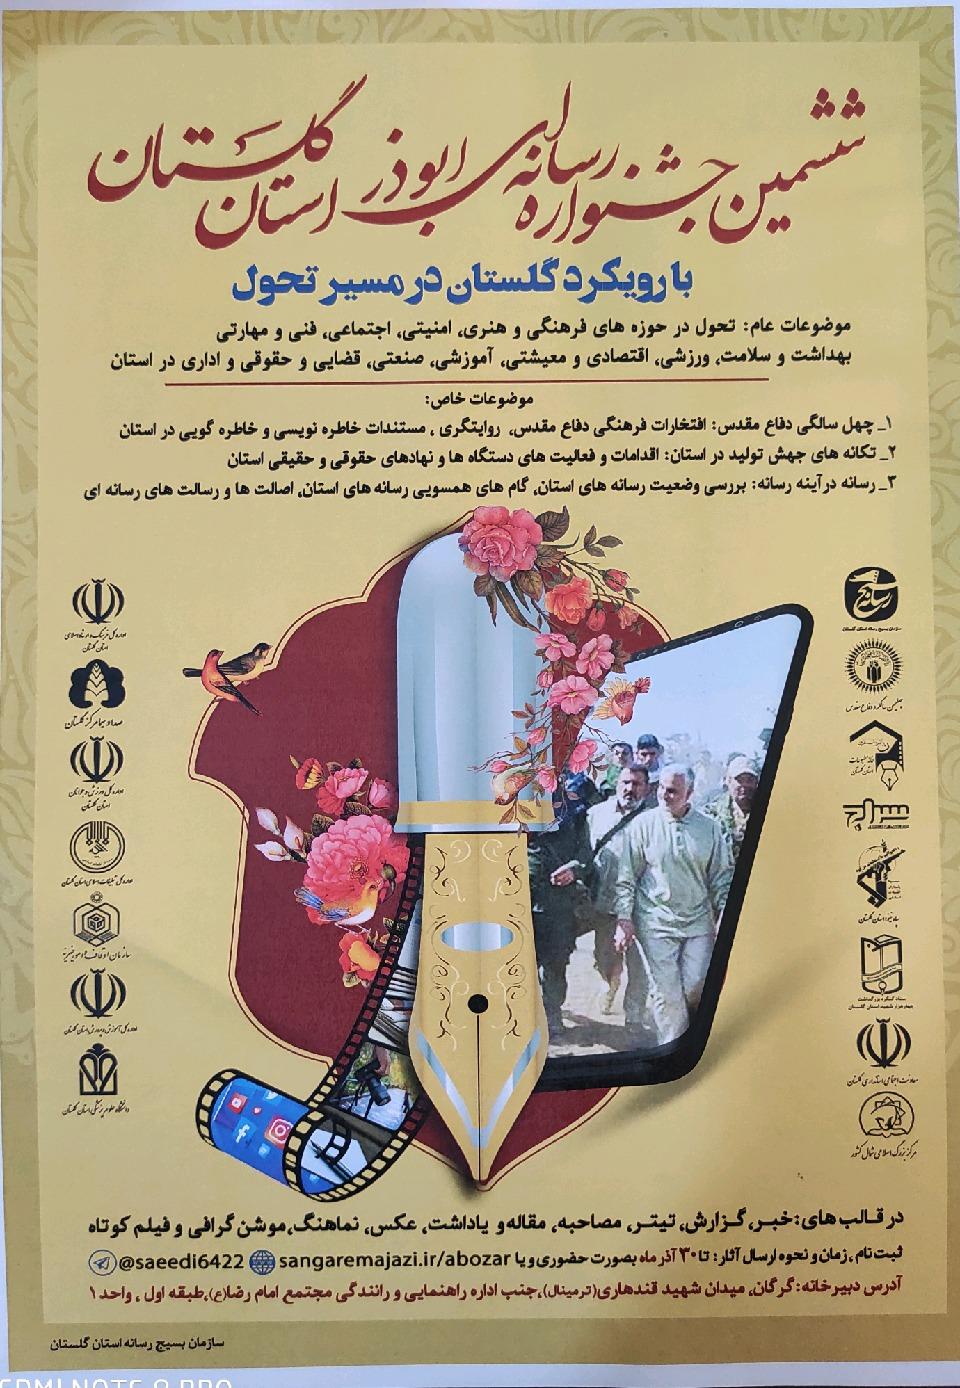 آغاز به کار ششمین جشنواره رسانهای ابوذر در گلستان